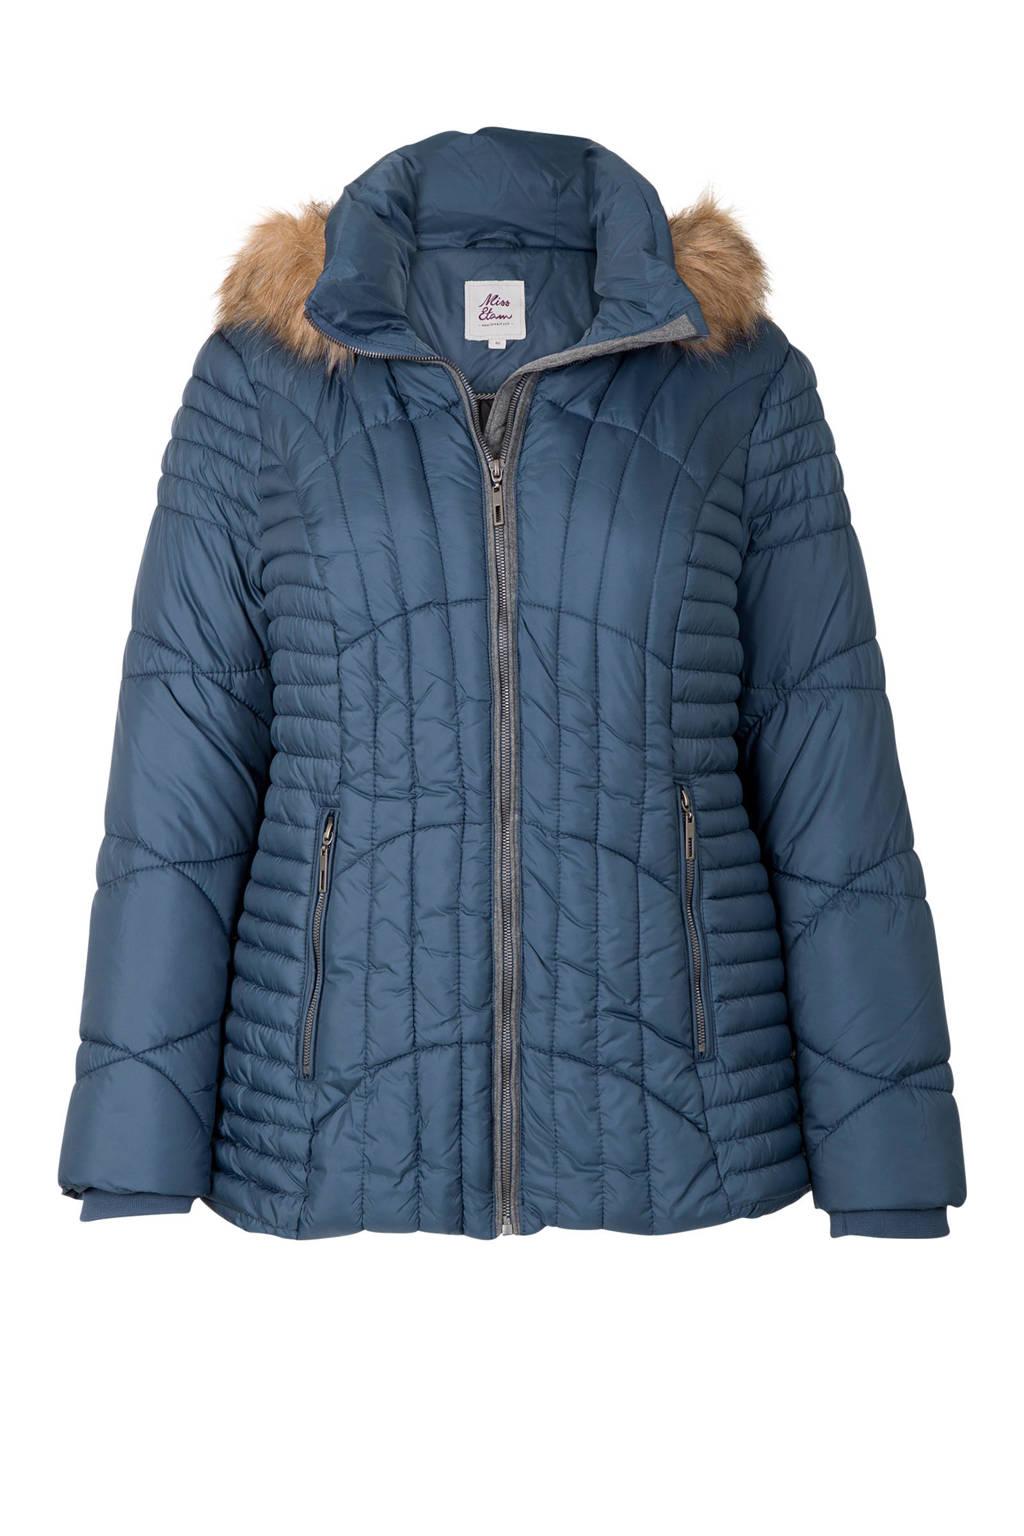 Miss Etam Plus korte jas met capuchon blauw, Blauw